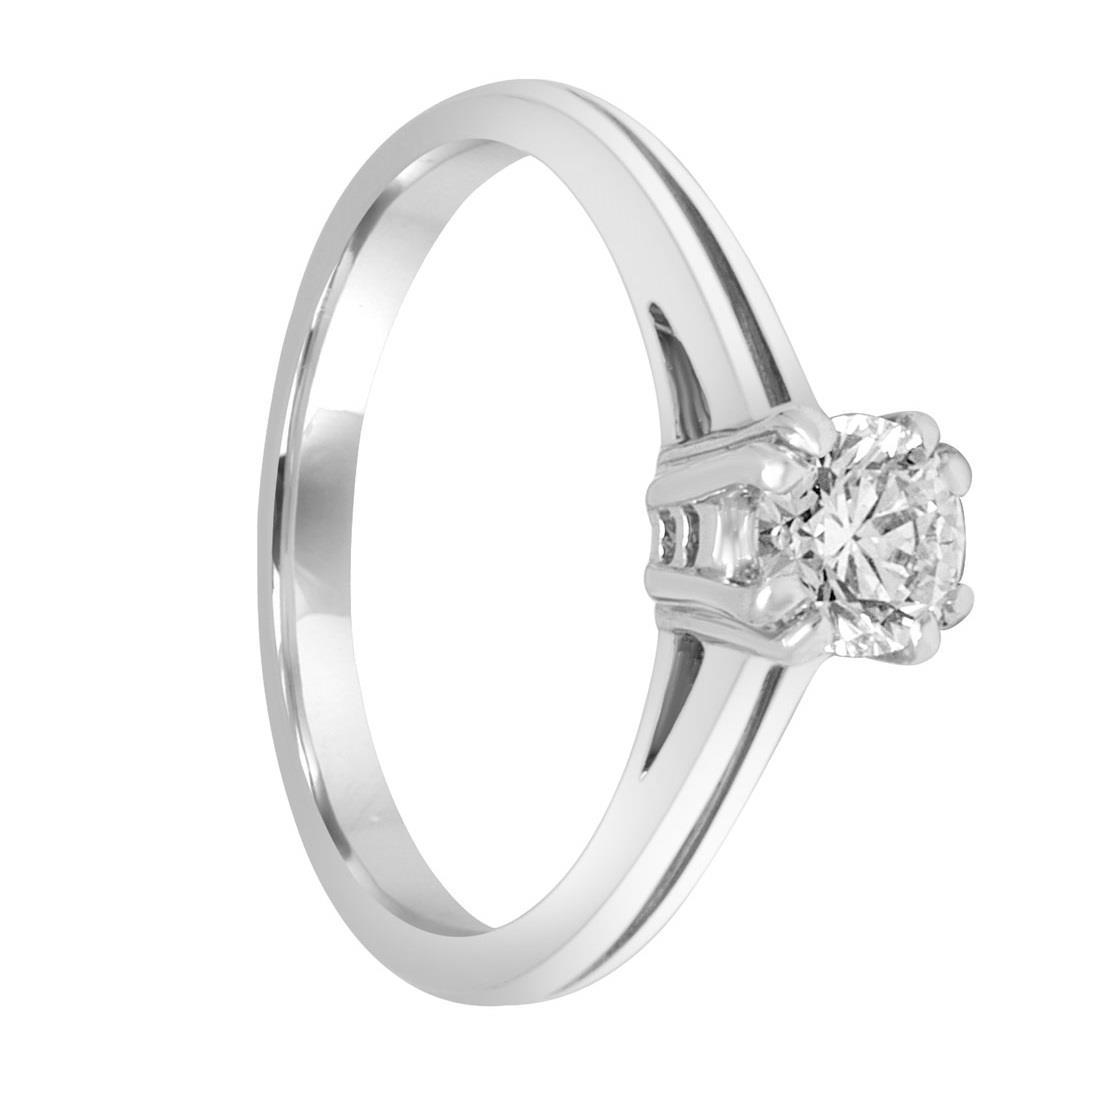 Anello solitario in oro bianco con diamante ct. 0,45 - ALFIERI & ST.JOHN